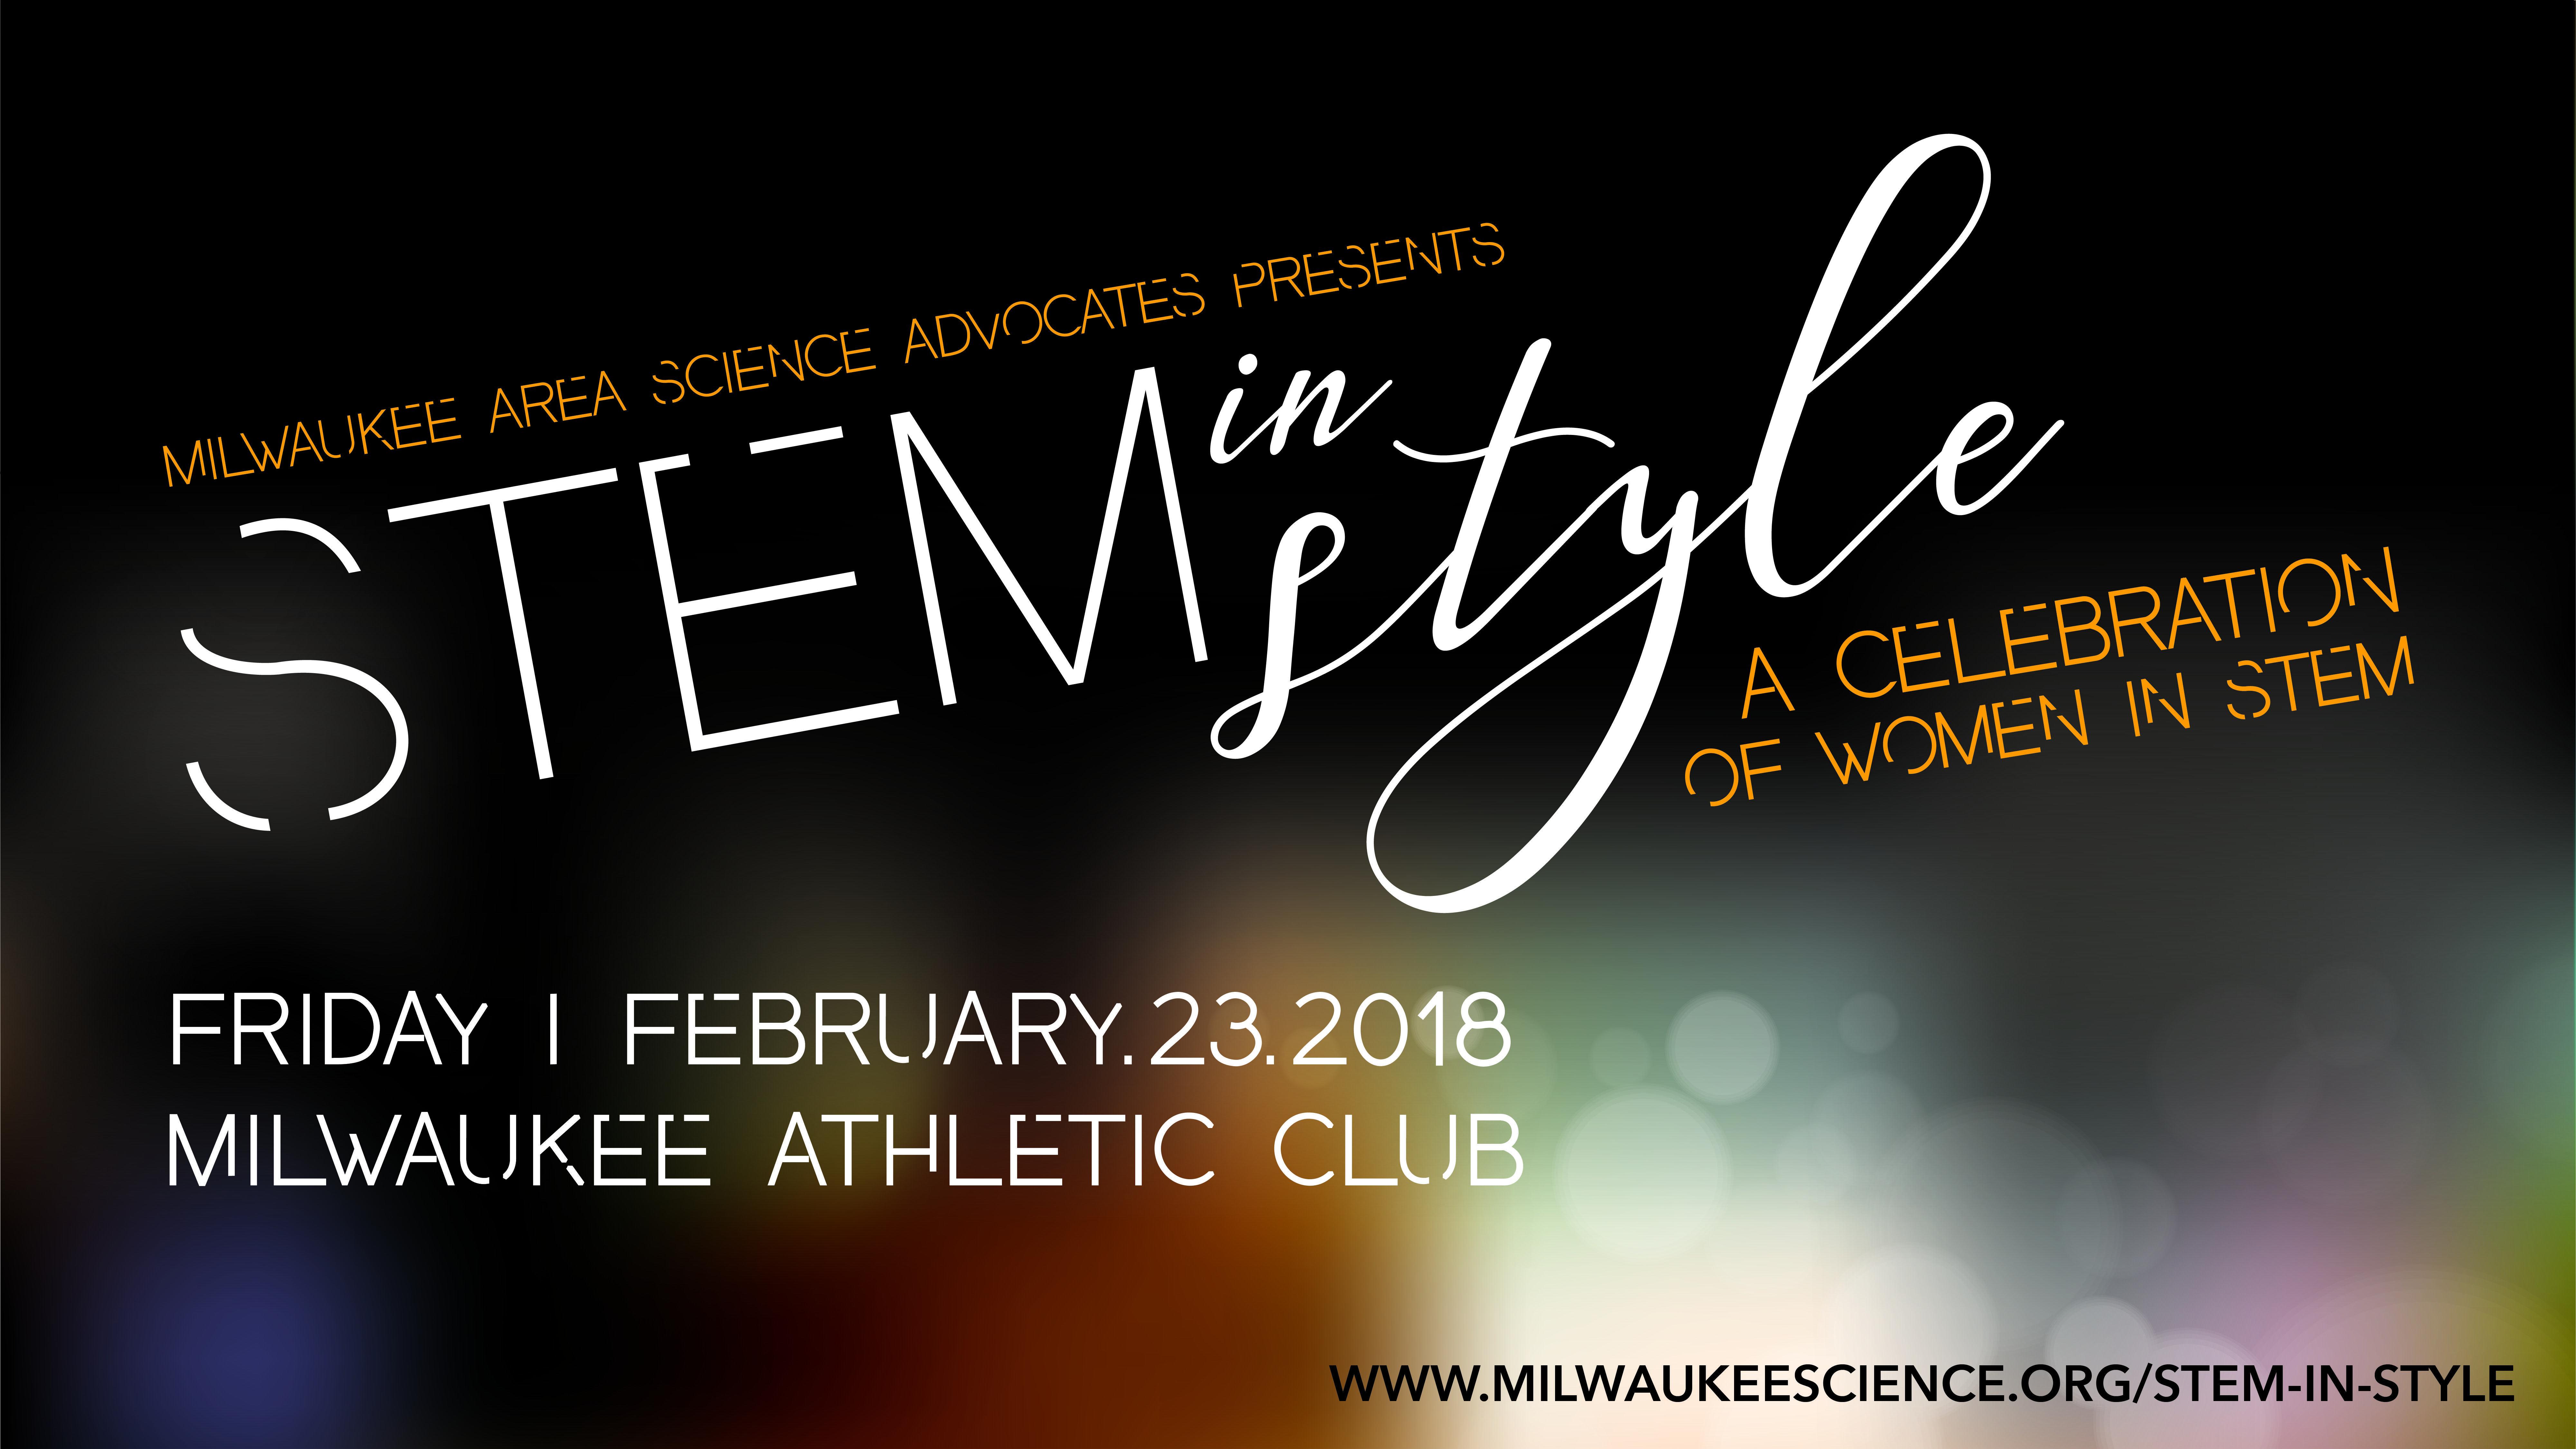 STEM in Style: A Celebration of Women in STEM